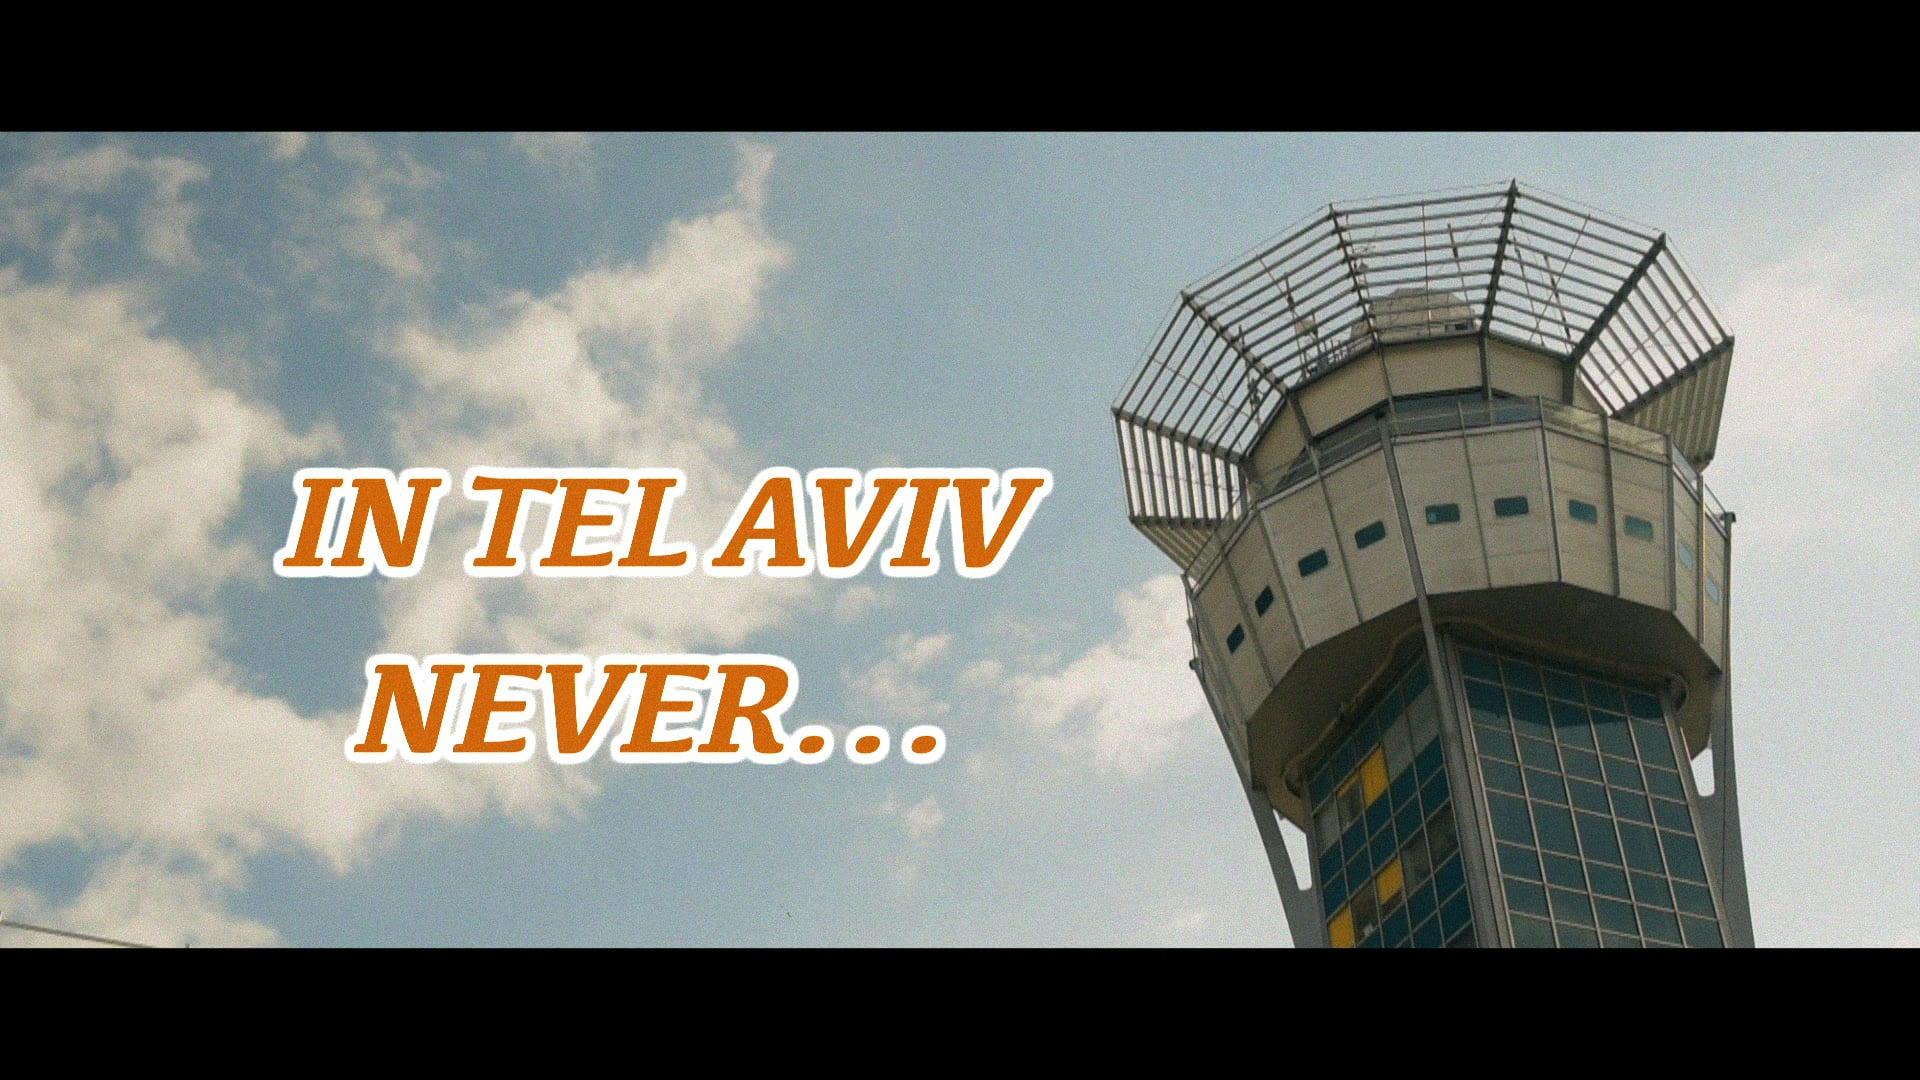 In Tel Aviv Never